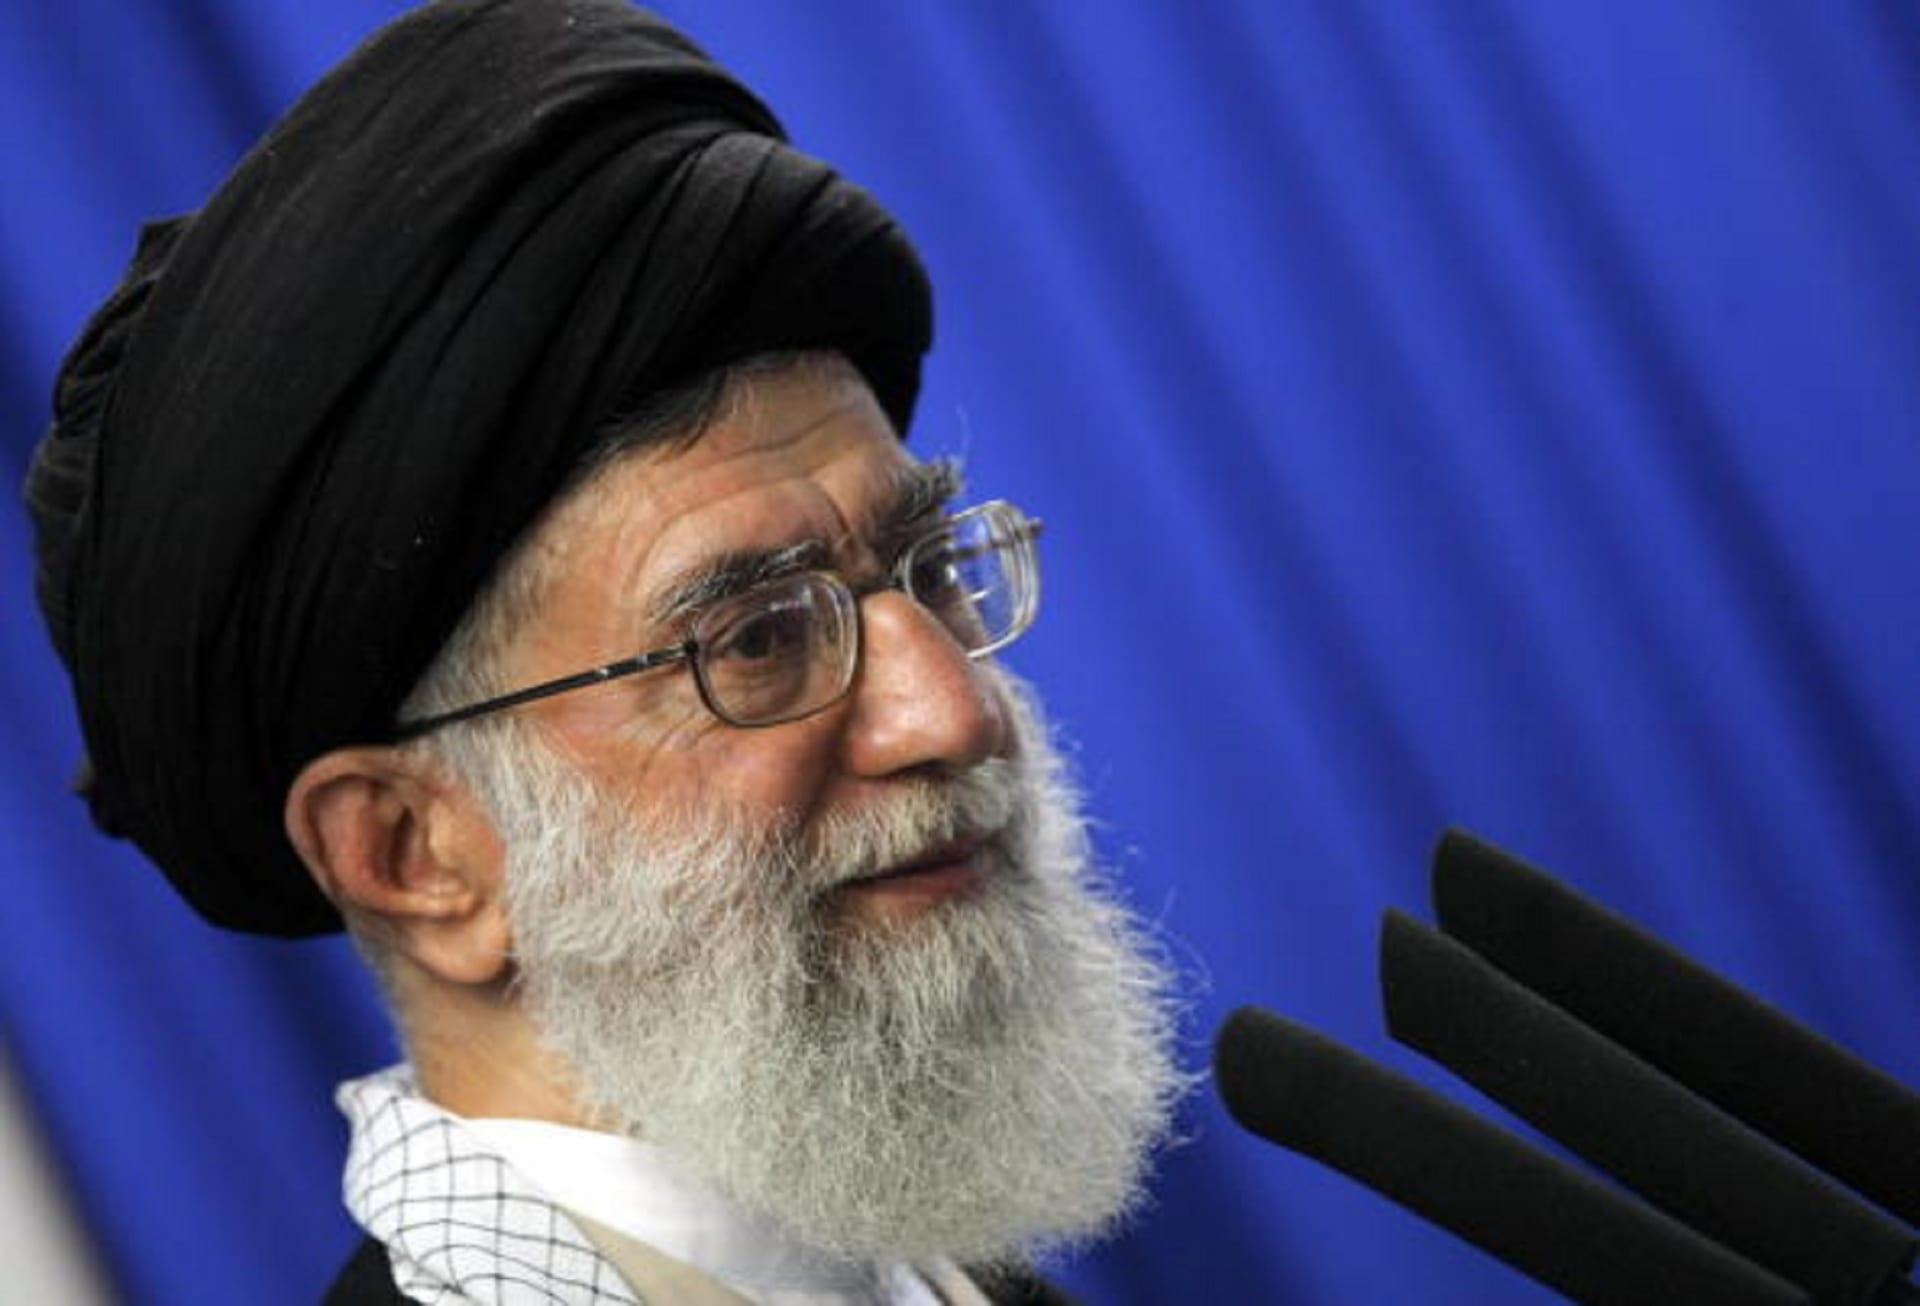 مرشد إيران ينتقد أمريكا لدعم السعودية في حرب اليمن